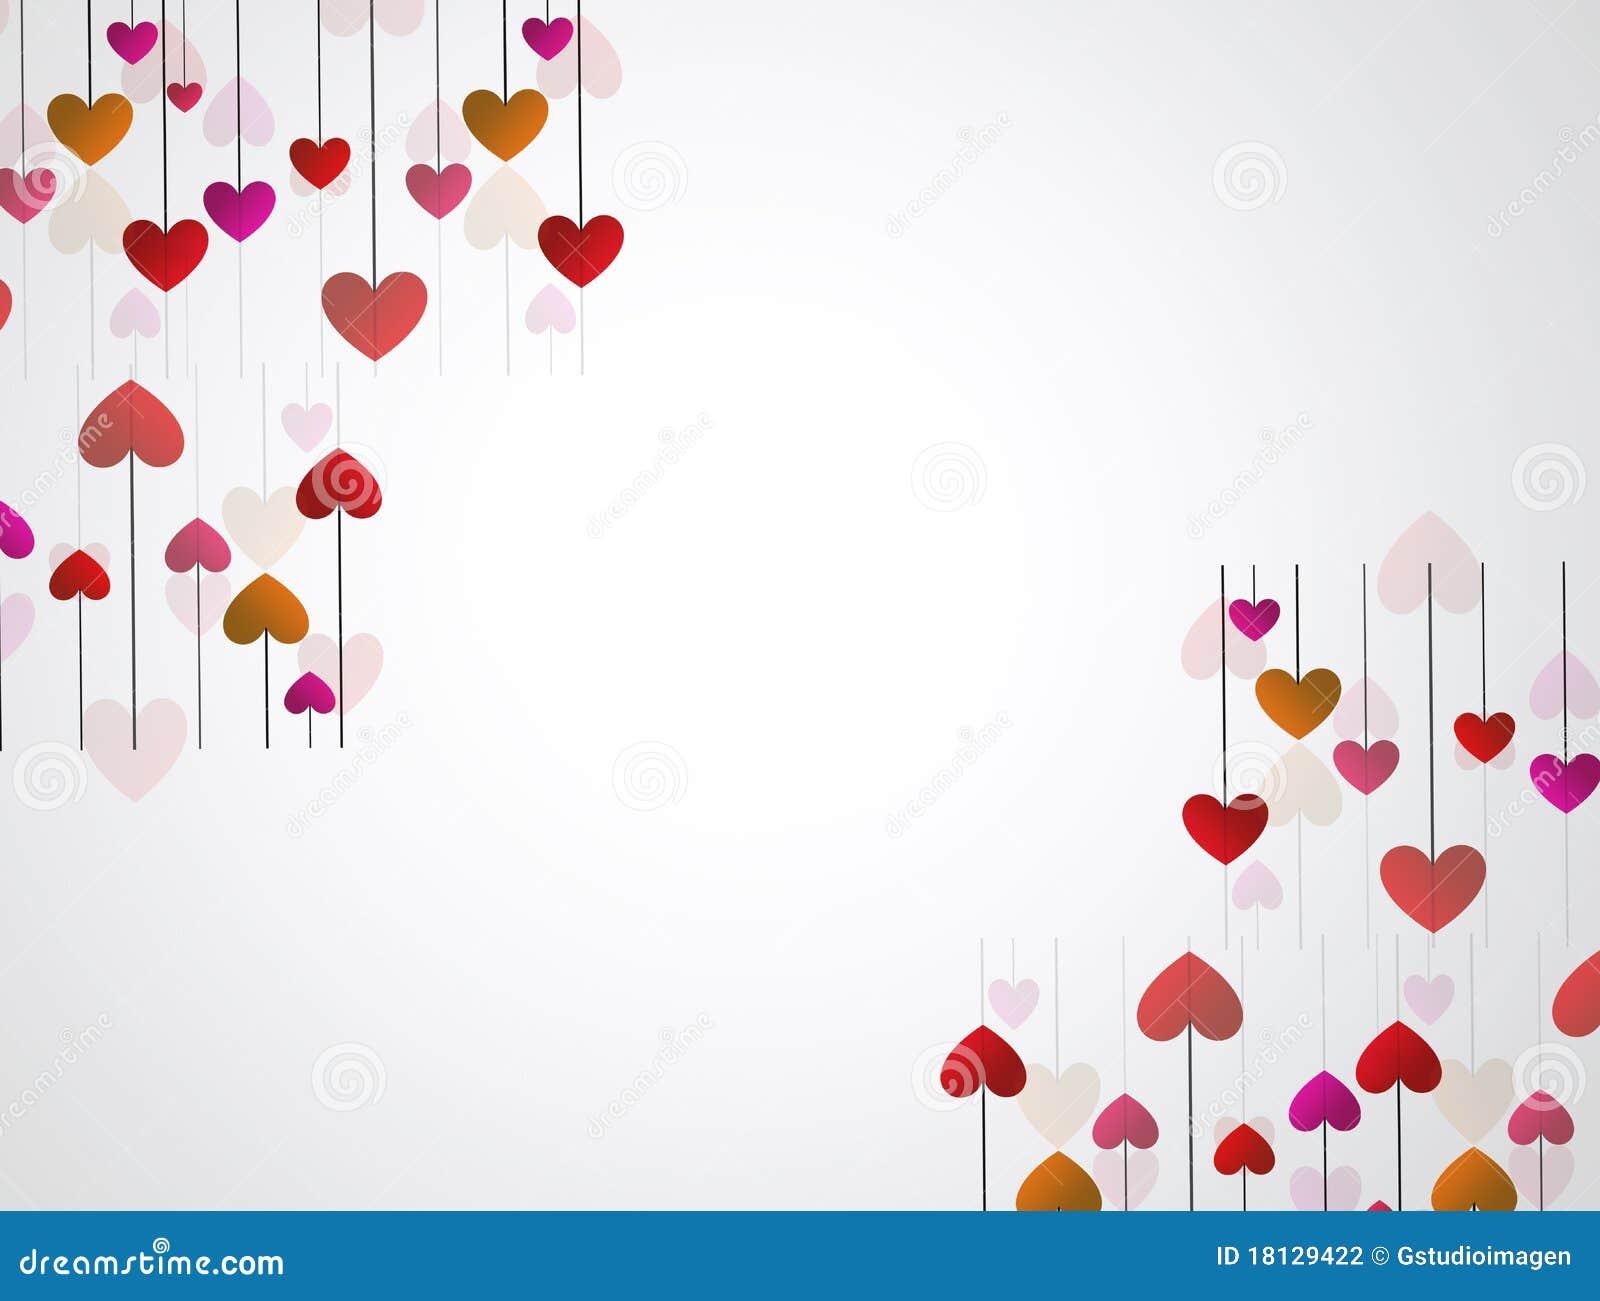 love card 18129422